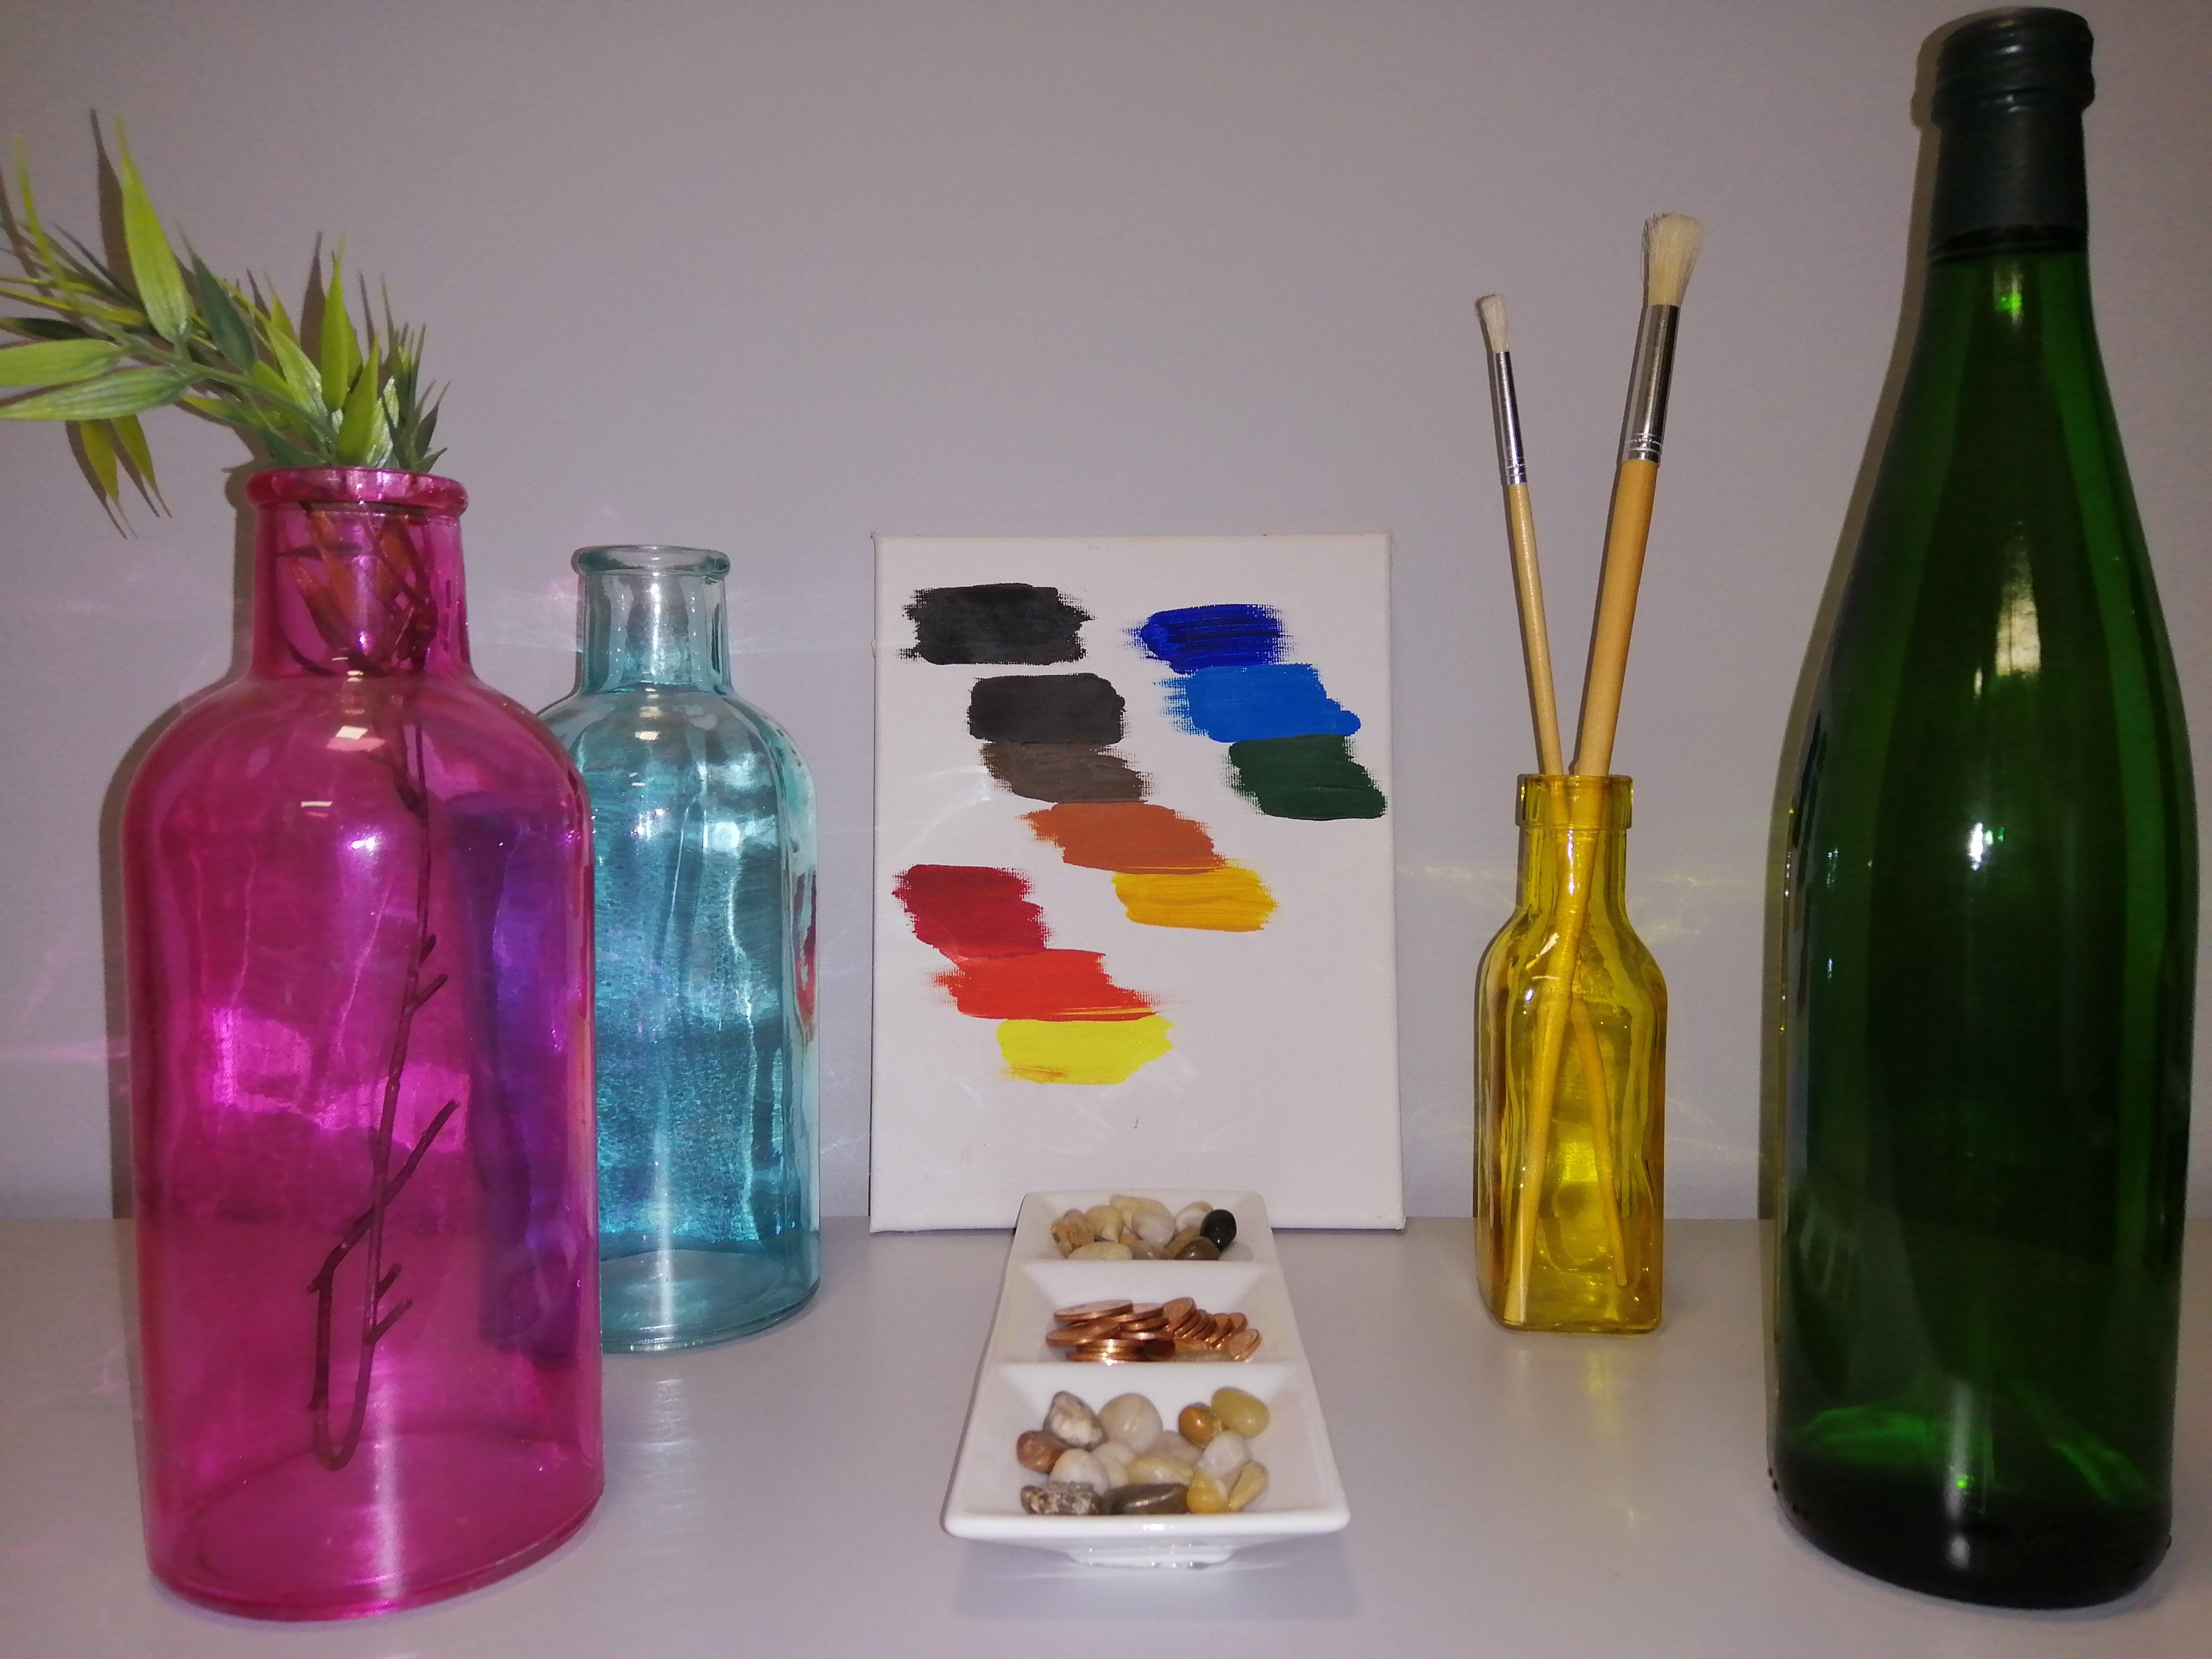 Flaschen und Farbtafel, aufgenommen mit Blitz